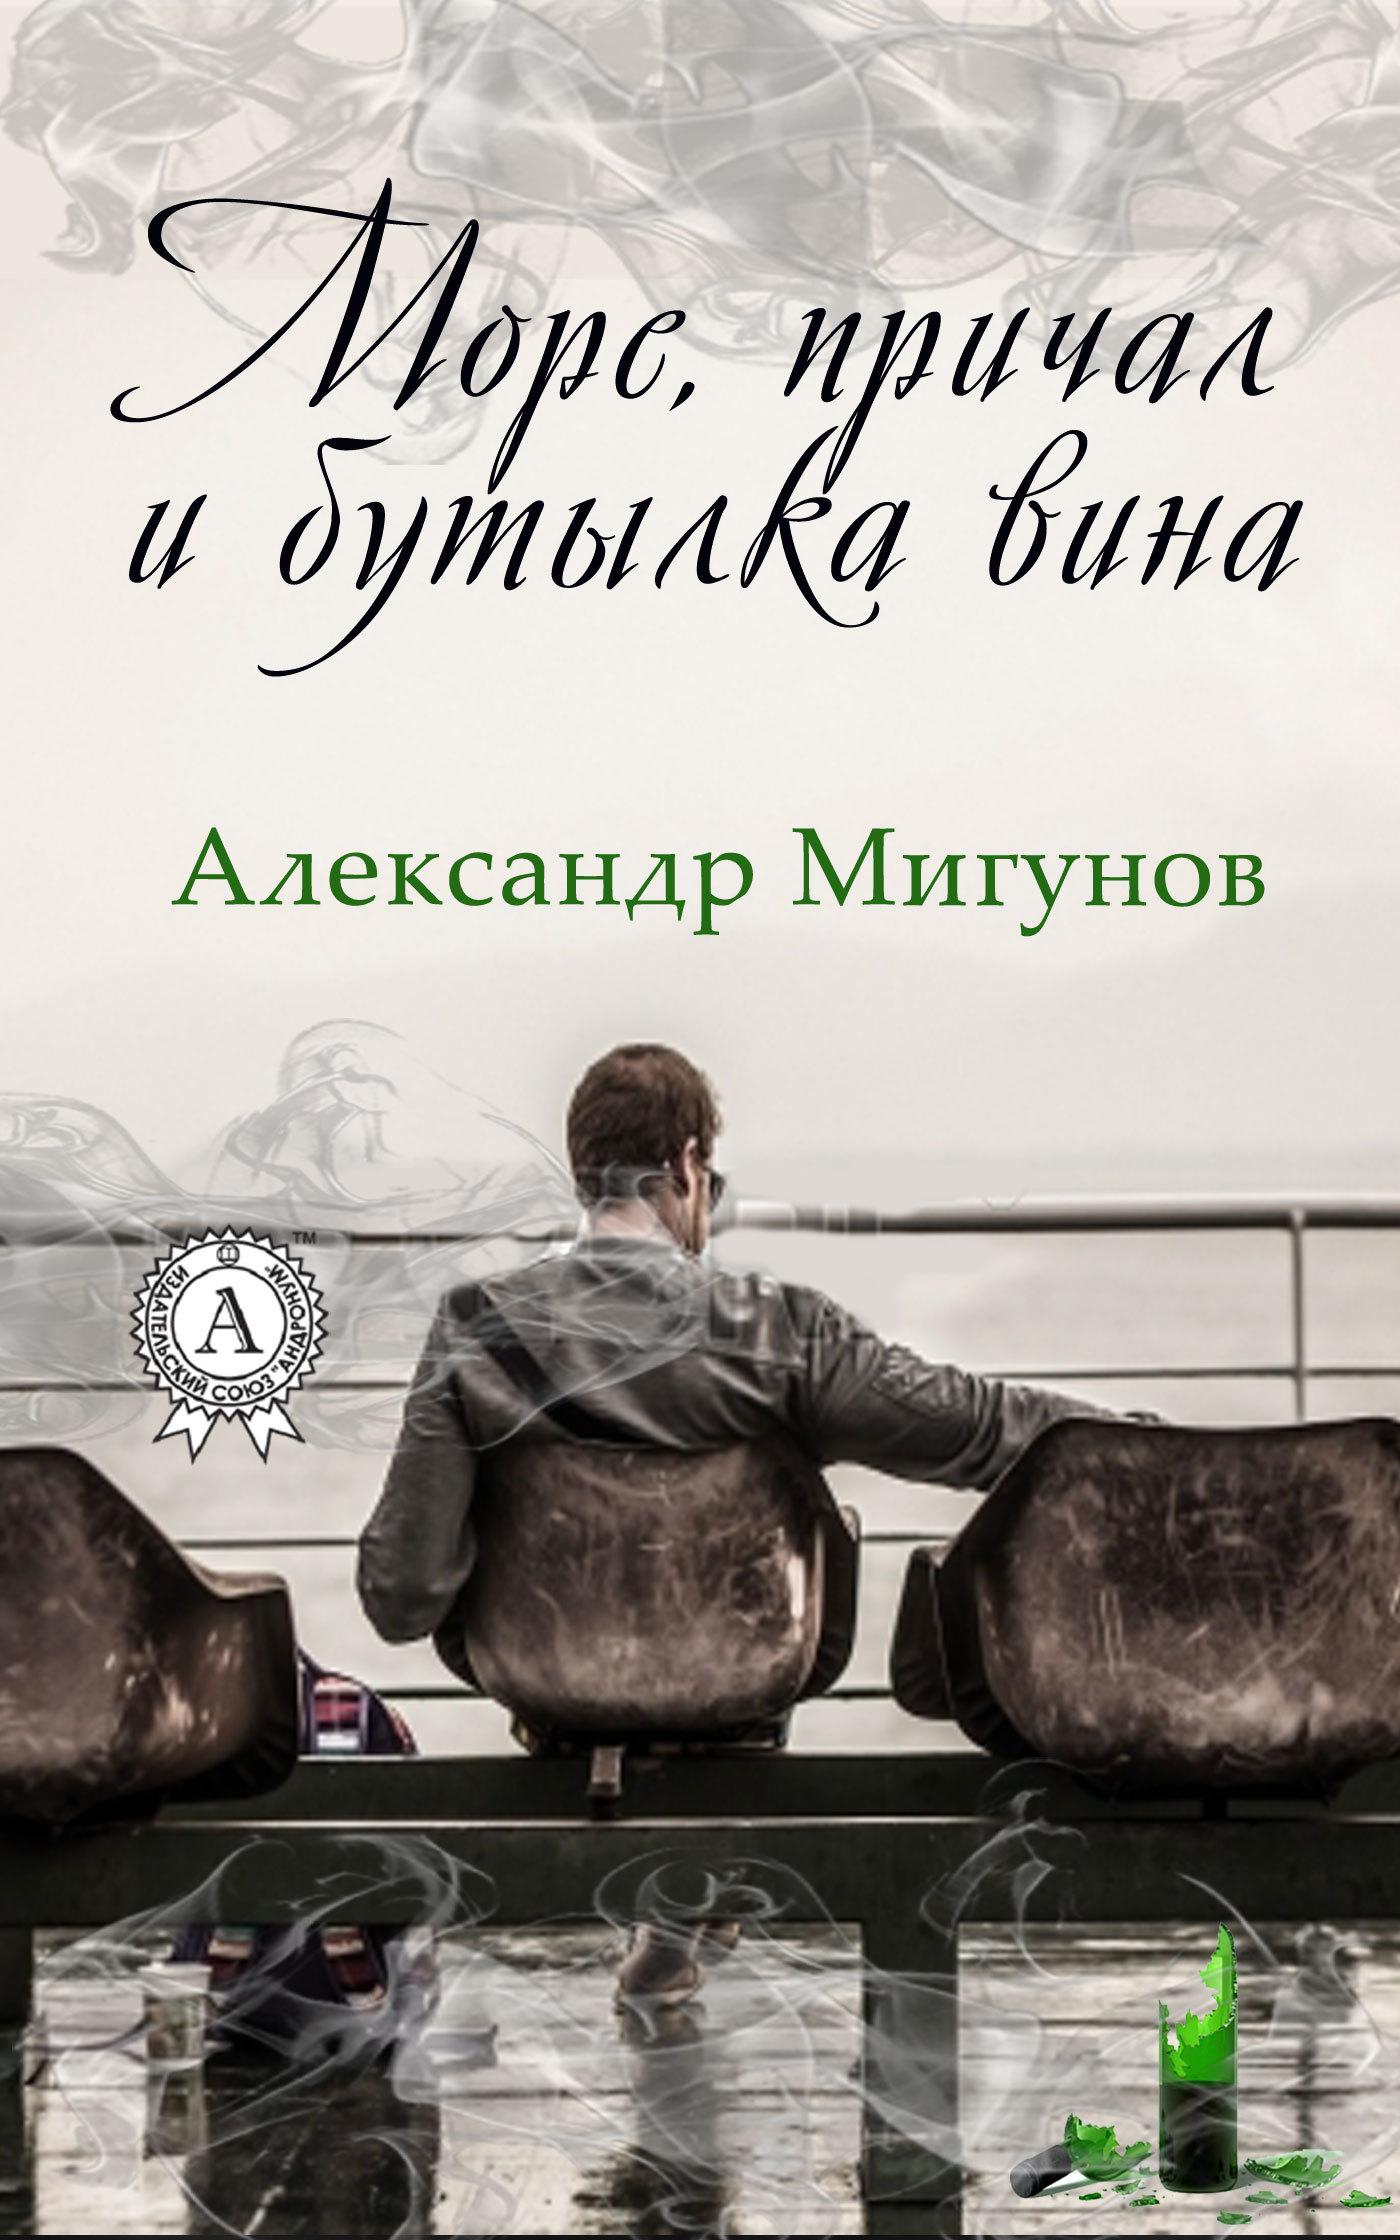 Александр Мигунов Море, причал и бутылка вина